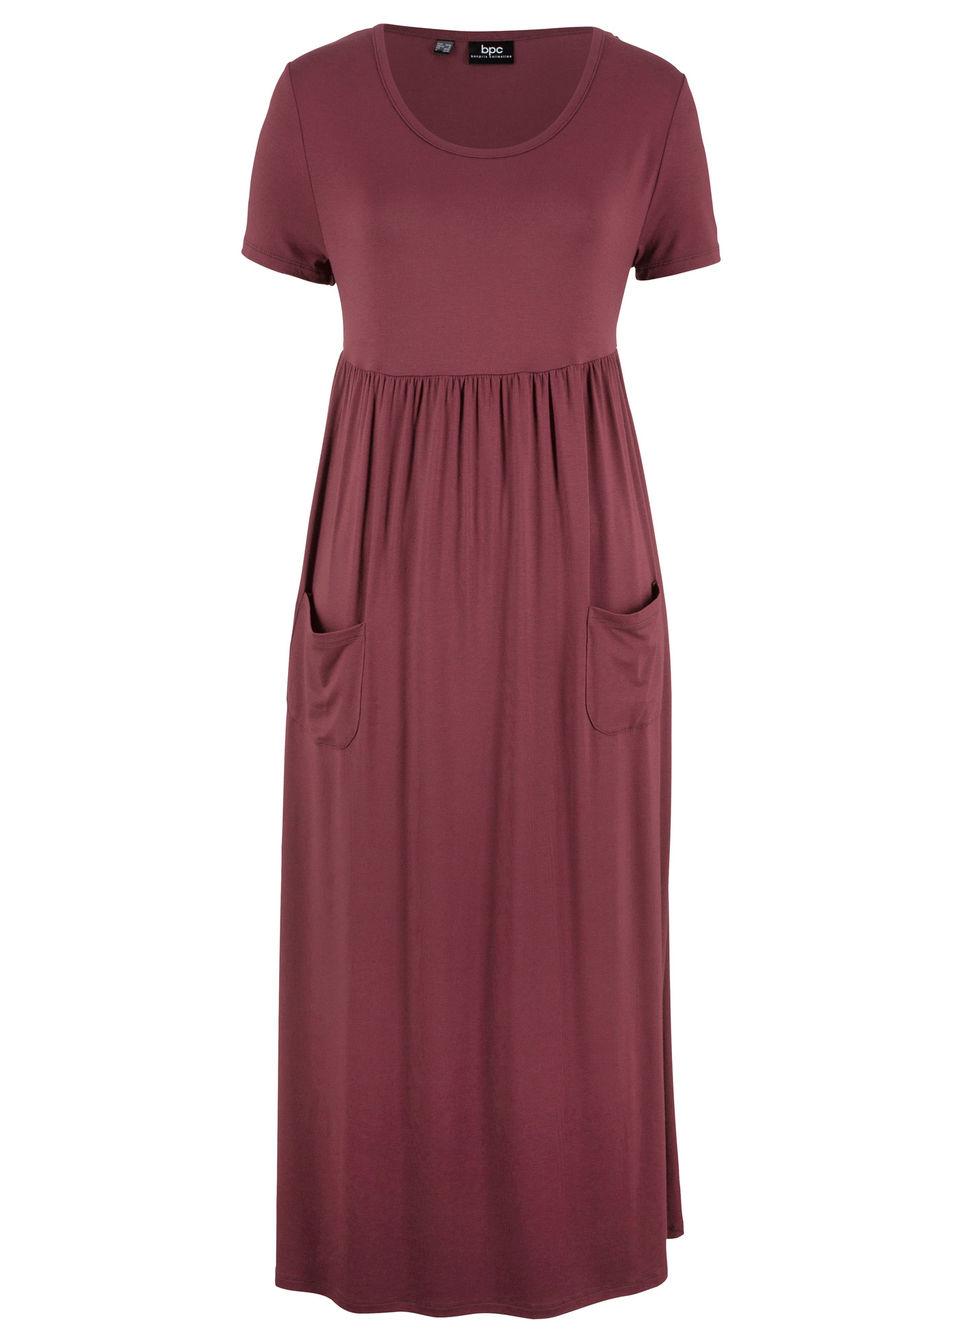 Sukienka maxi ze stretchem, z okrągłym dekoltem i krótkim rękawem bonprix czerwony klonowy